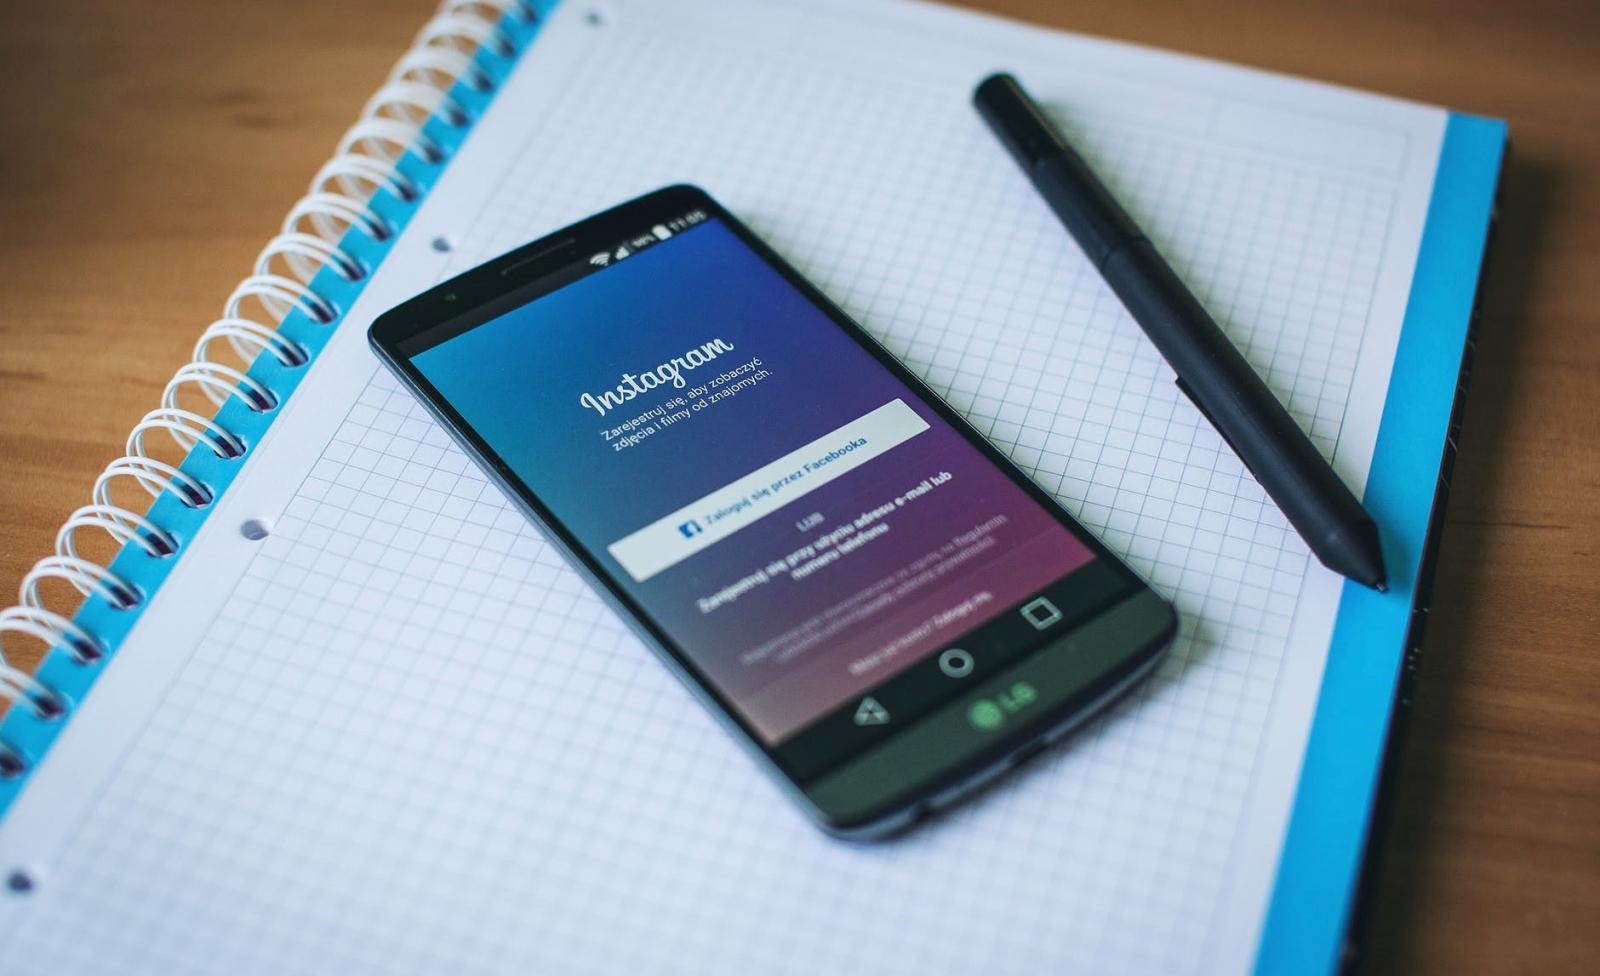 【科技新知】Instagram(IG)如何查看貼文被分享/轉貼次數?用這招馬上看!